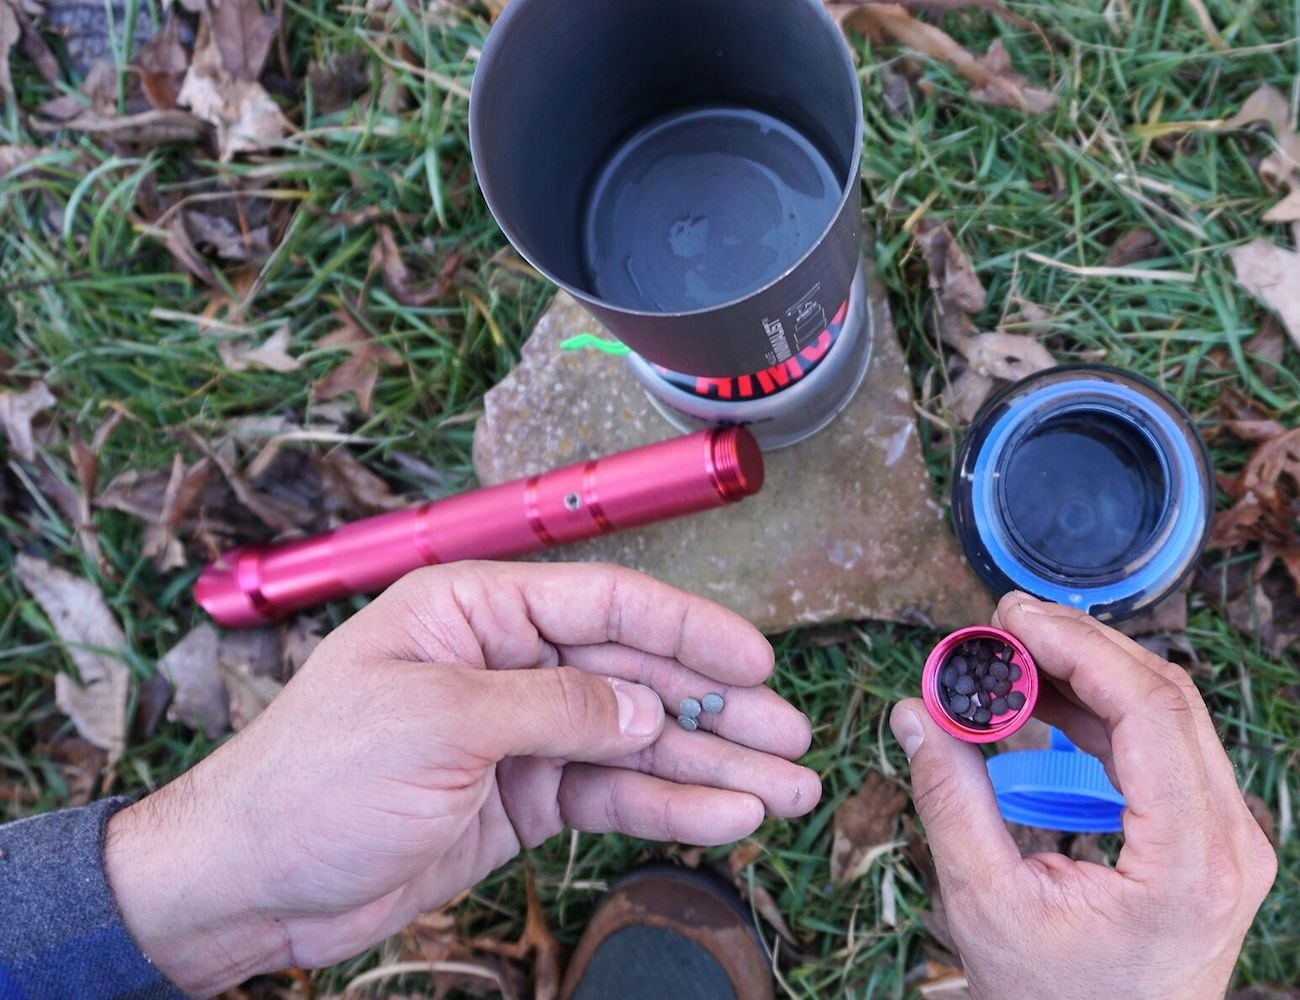 PYYROS Modular Flashlight Multi Tool is ready for anything